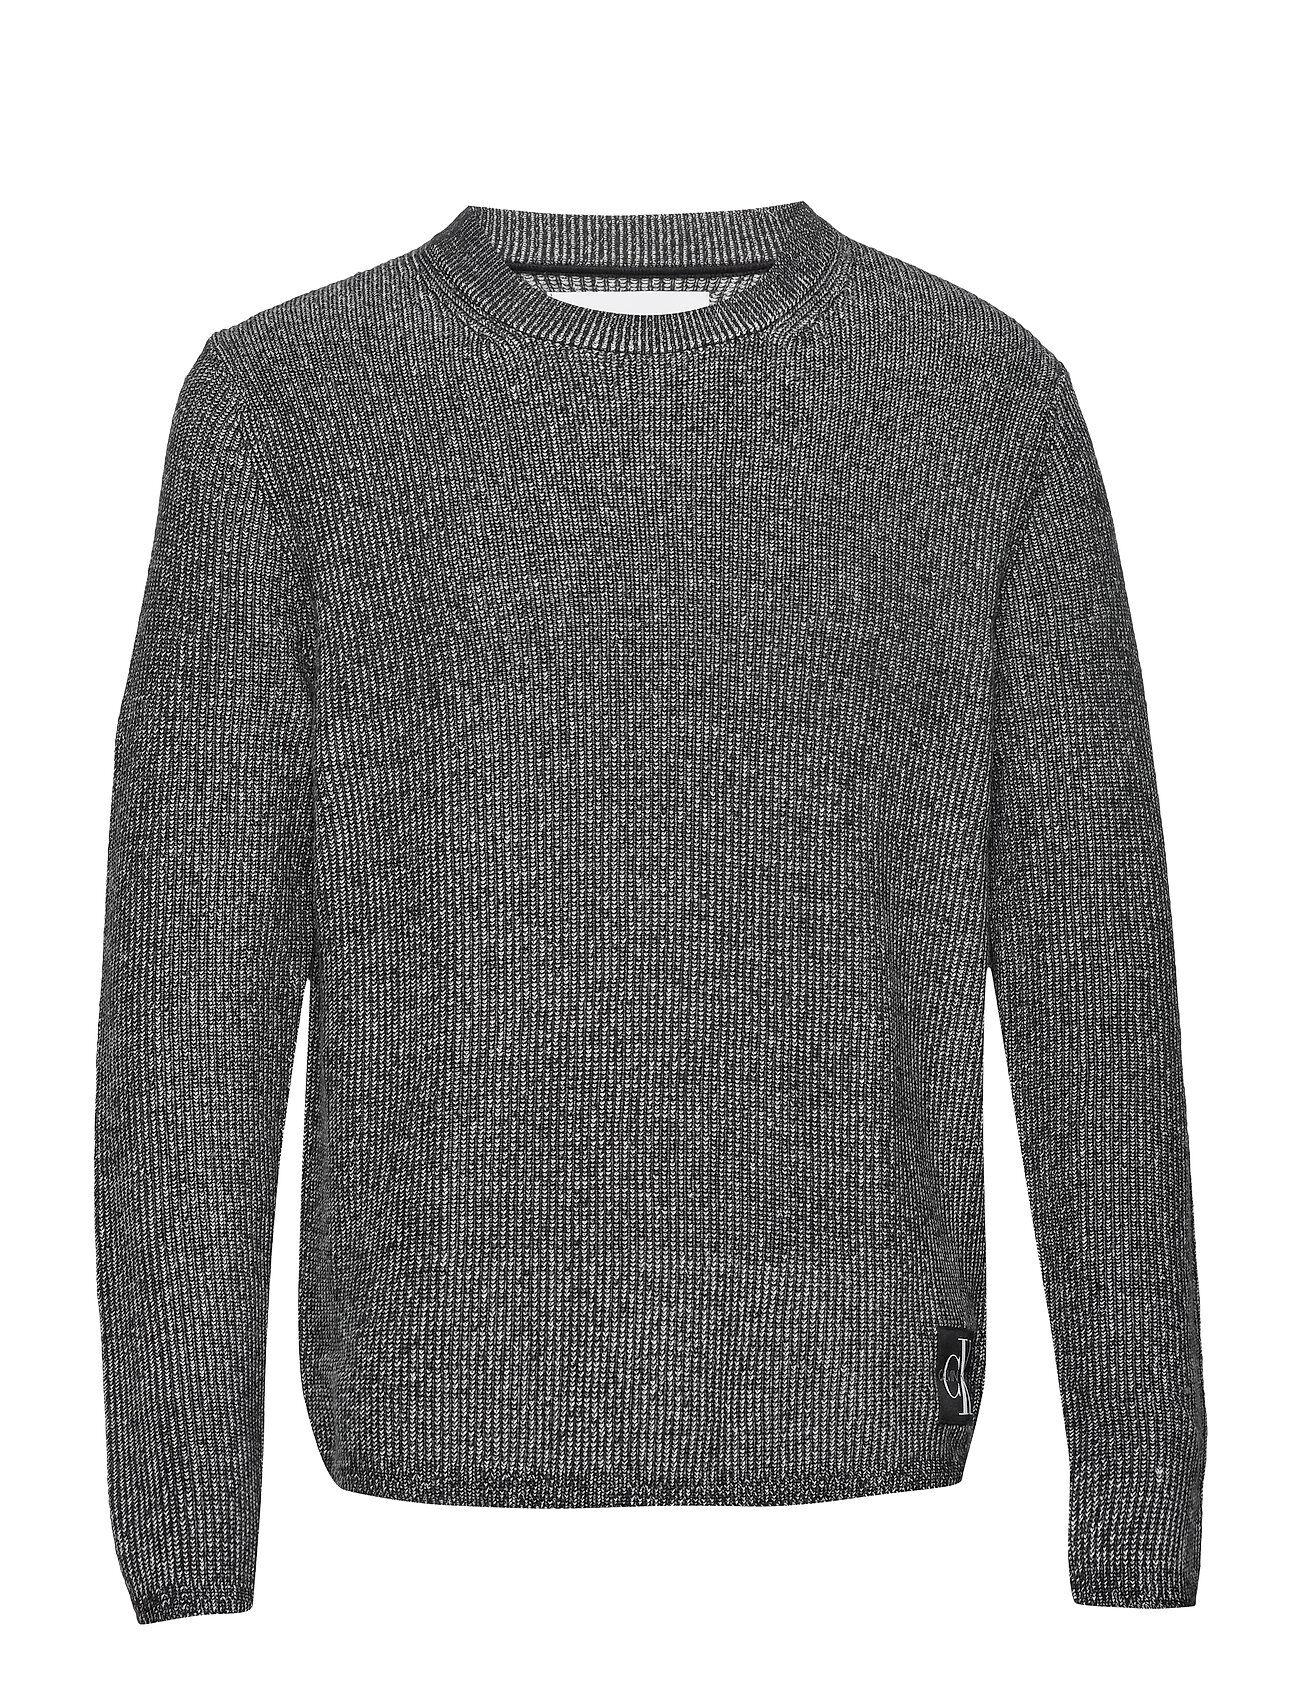 Image of Calvin Two T Cotton Cn Sweater Neulepaita Pyöreä Kaula-aukko Harmaa Calvin Klein Jeans